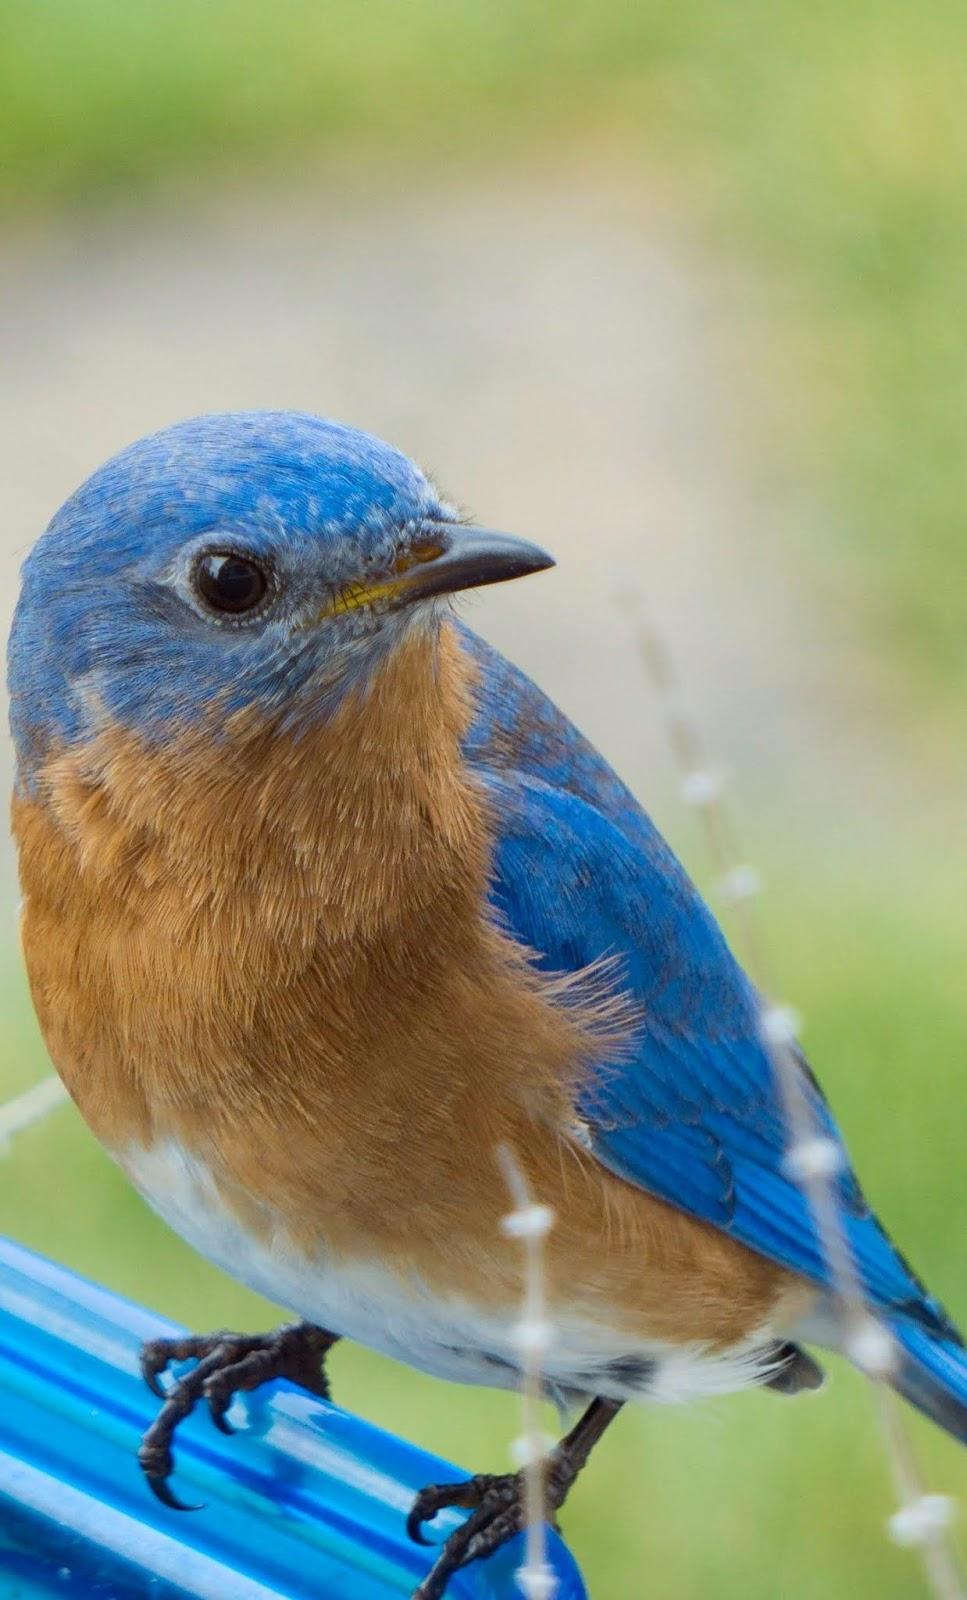 A bluebird up close.